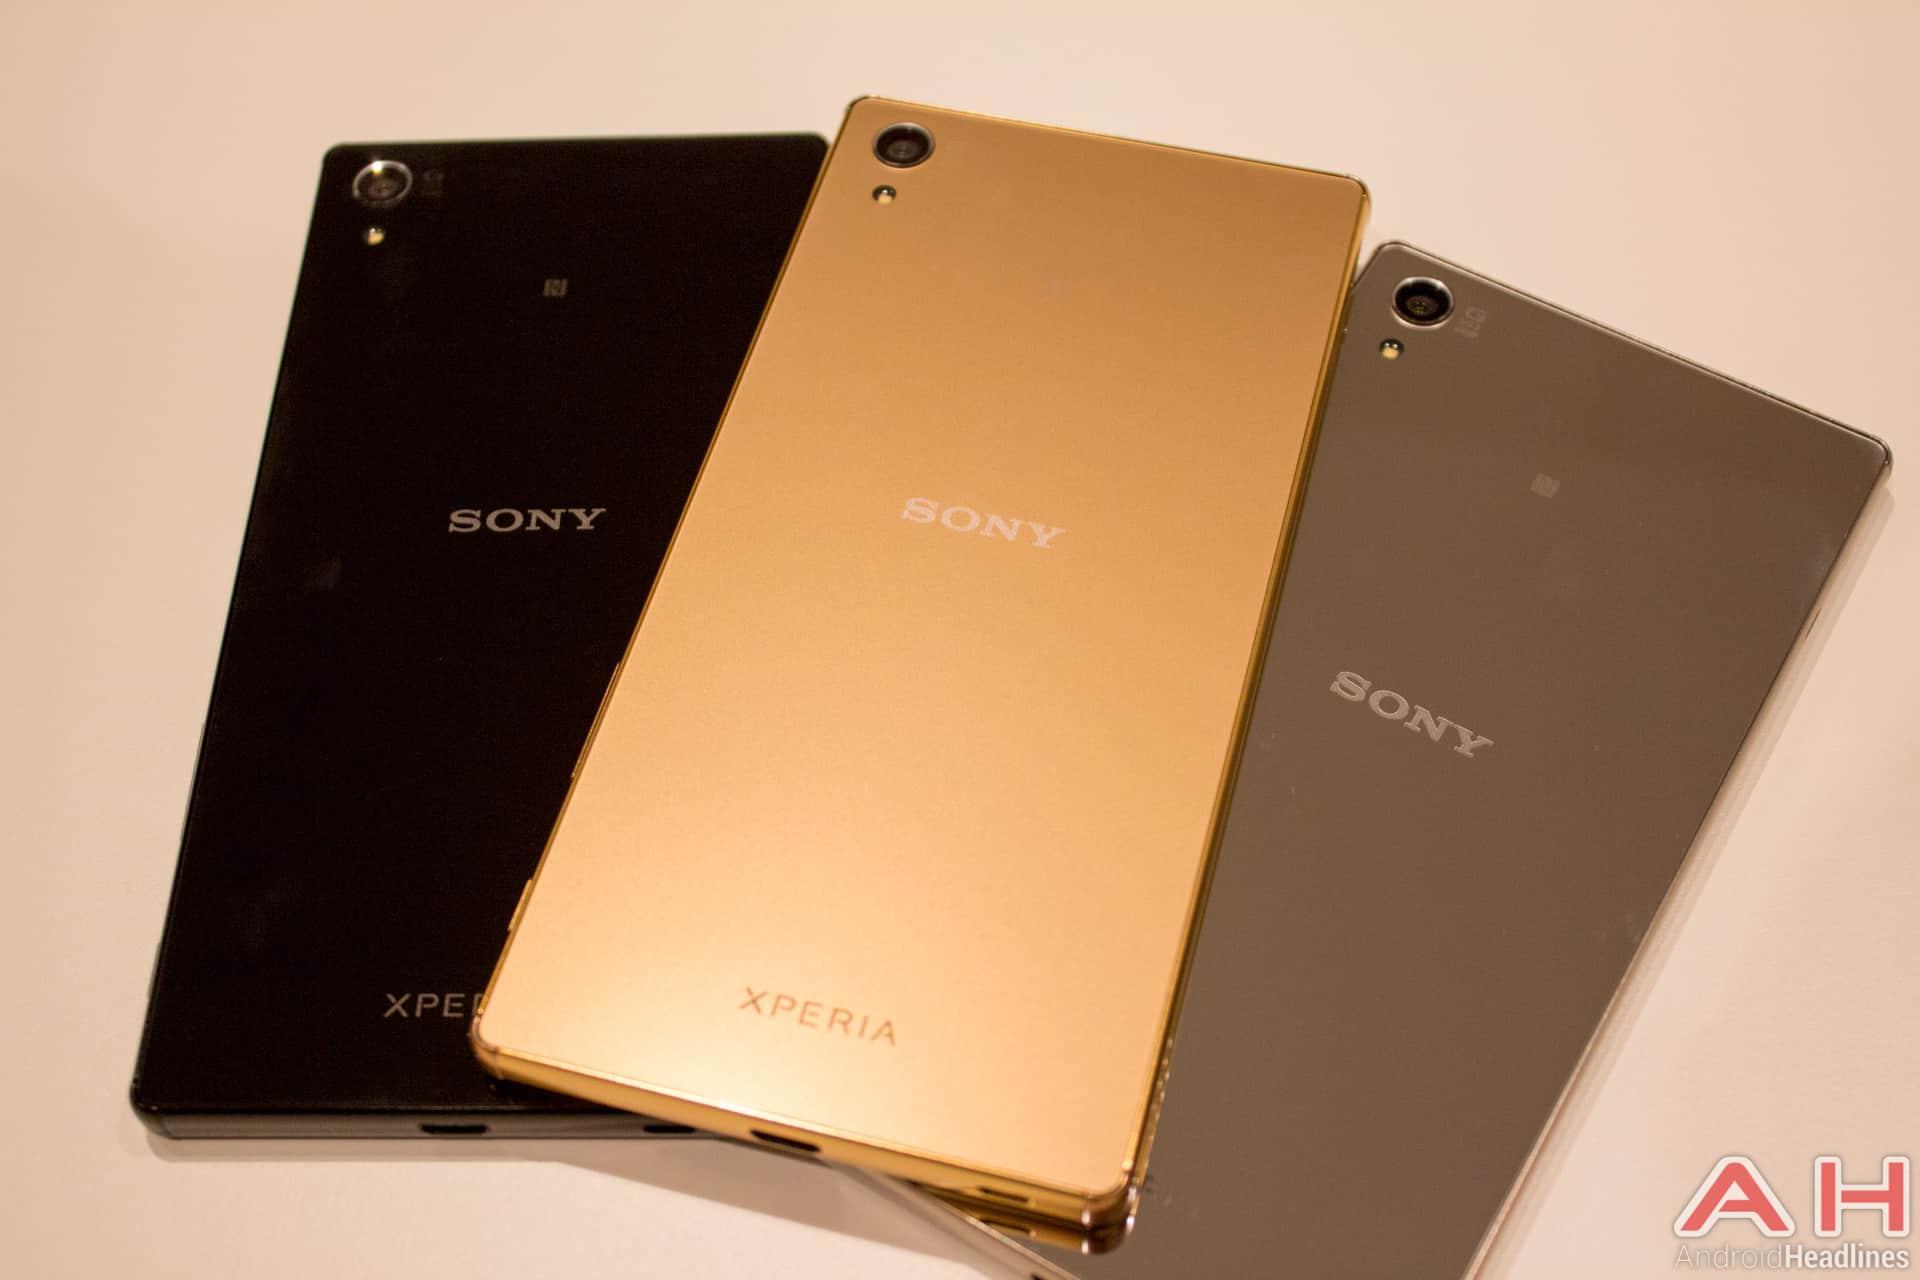 Sony Xperia Z5 LINE AH 9